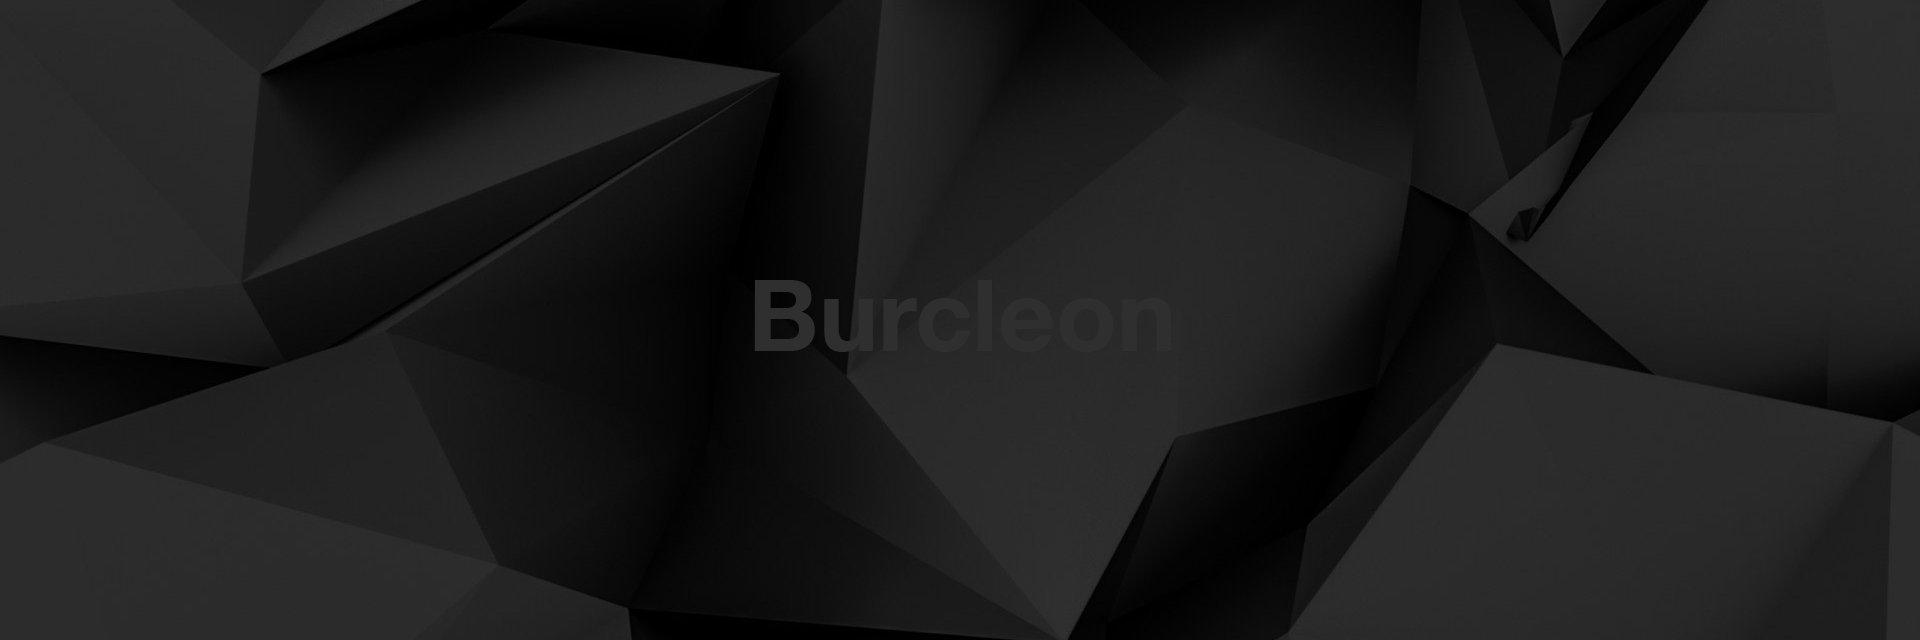 Burcleon